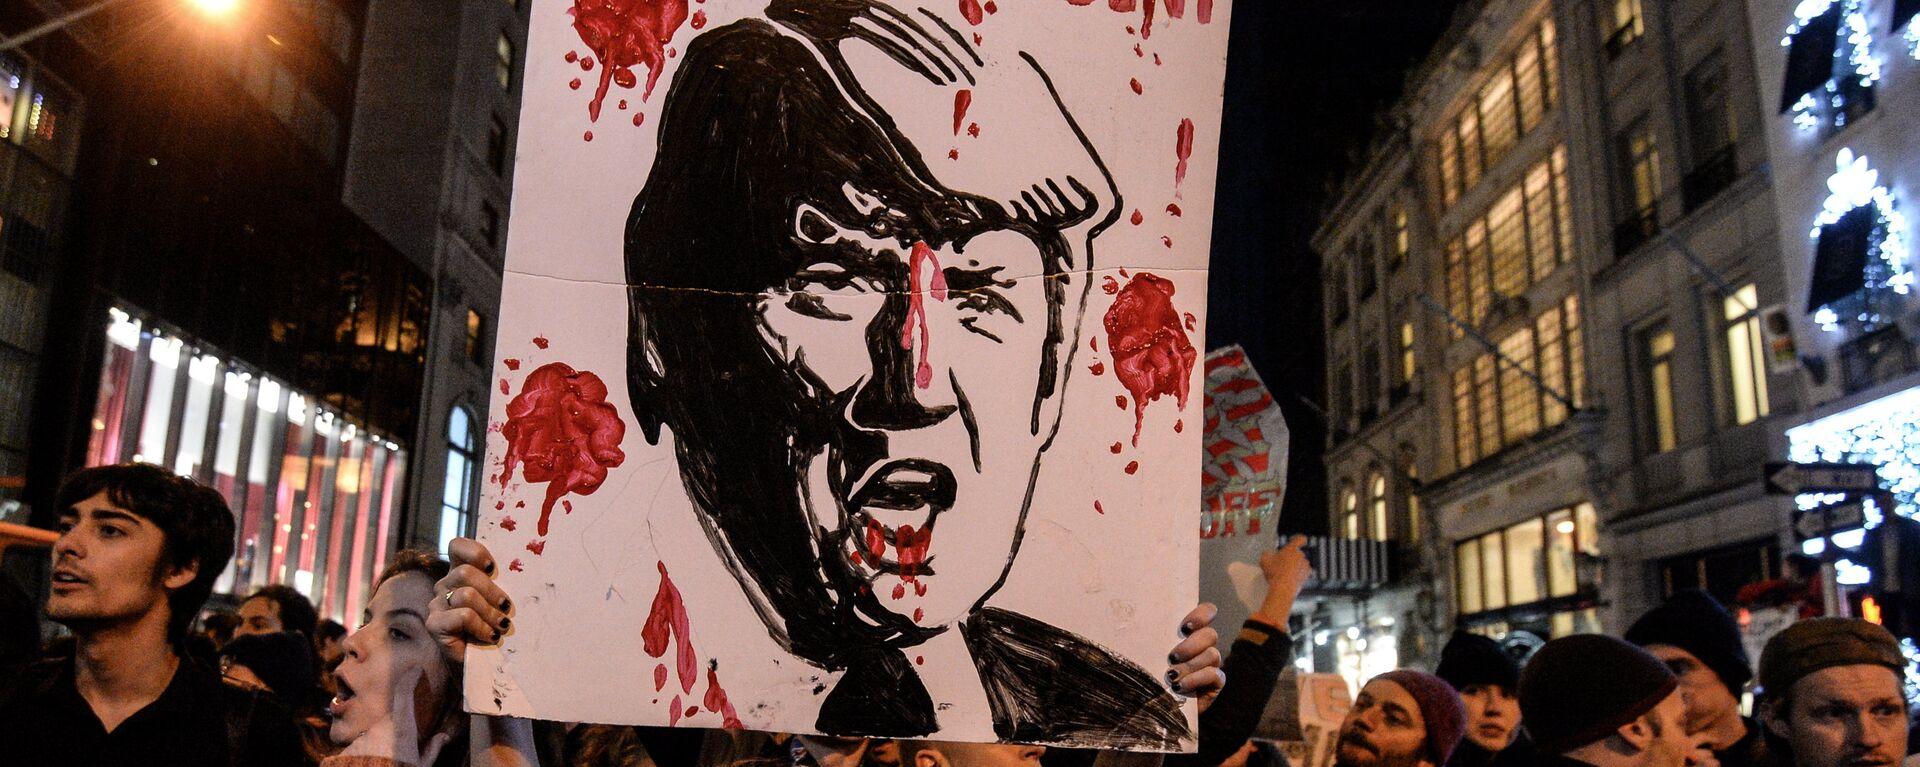 Акция протеста против Д. Трампа в Нью-Йорке - Sputnik Таджикистан, 1920, 27.09.2020